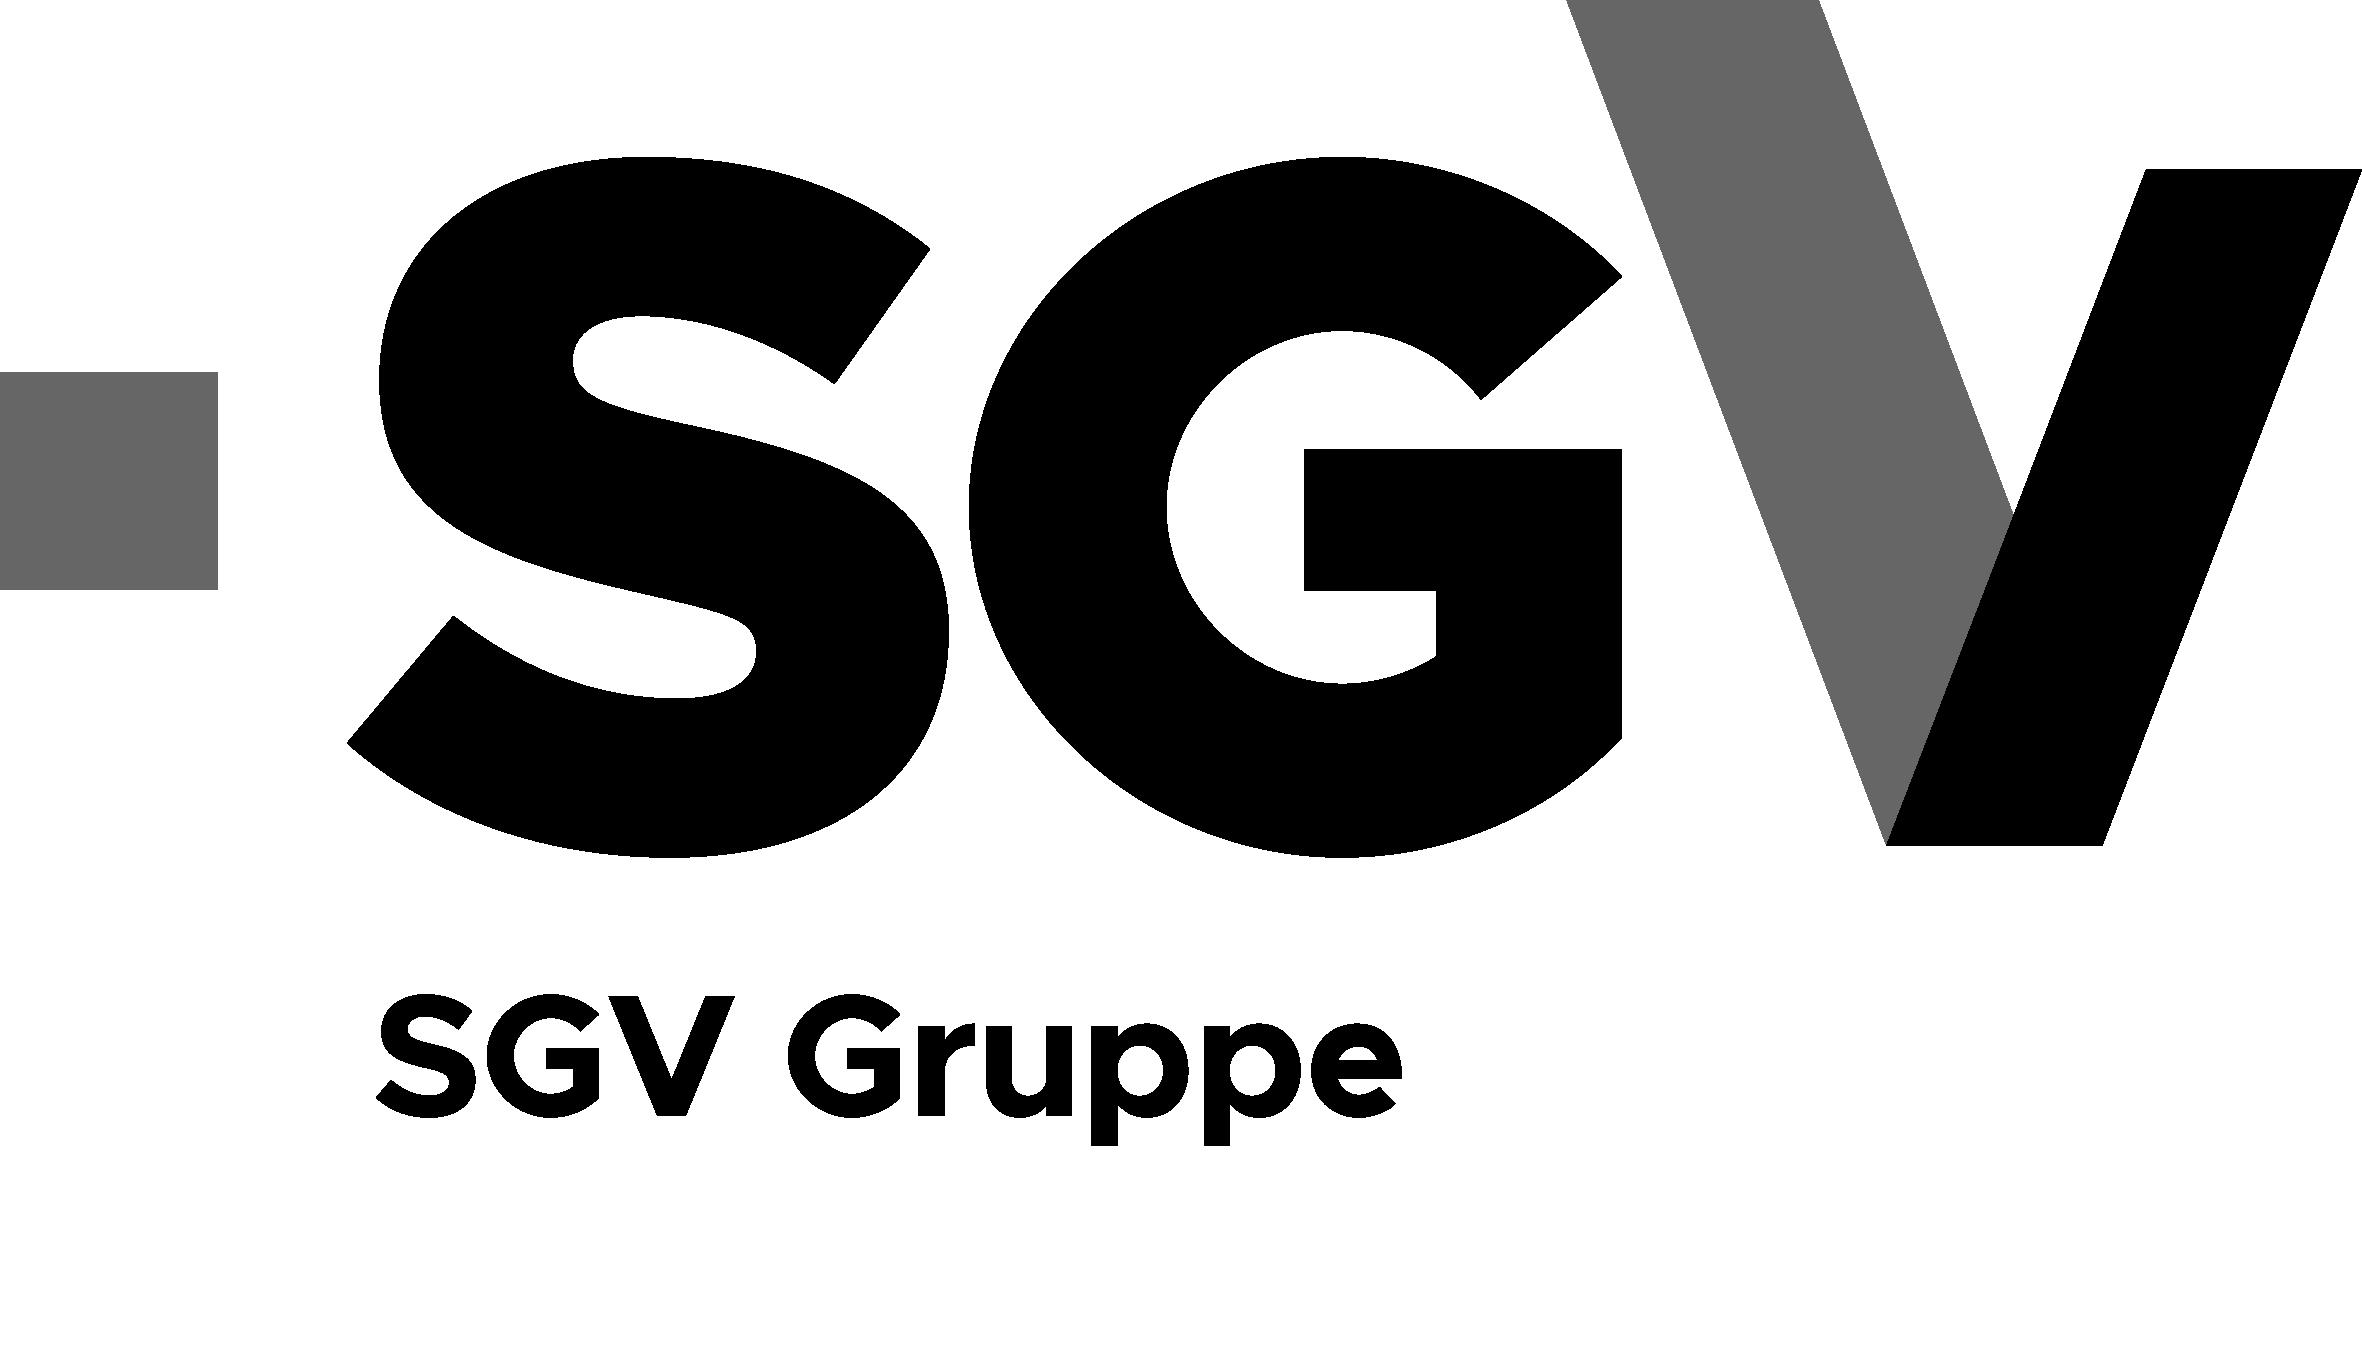 Süddeutscher Gläubigerschutzverband GmbH